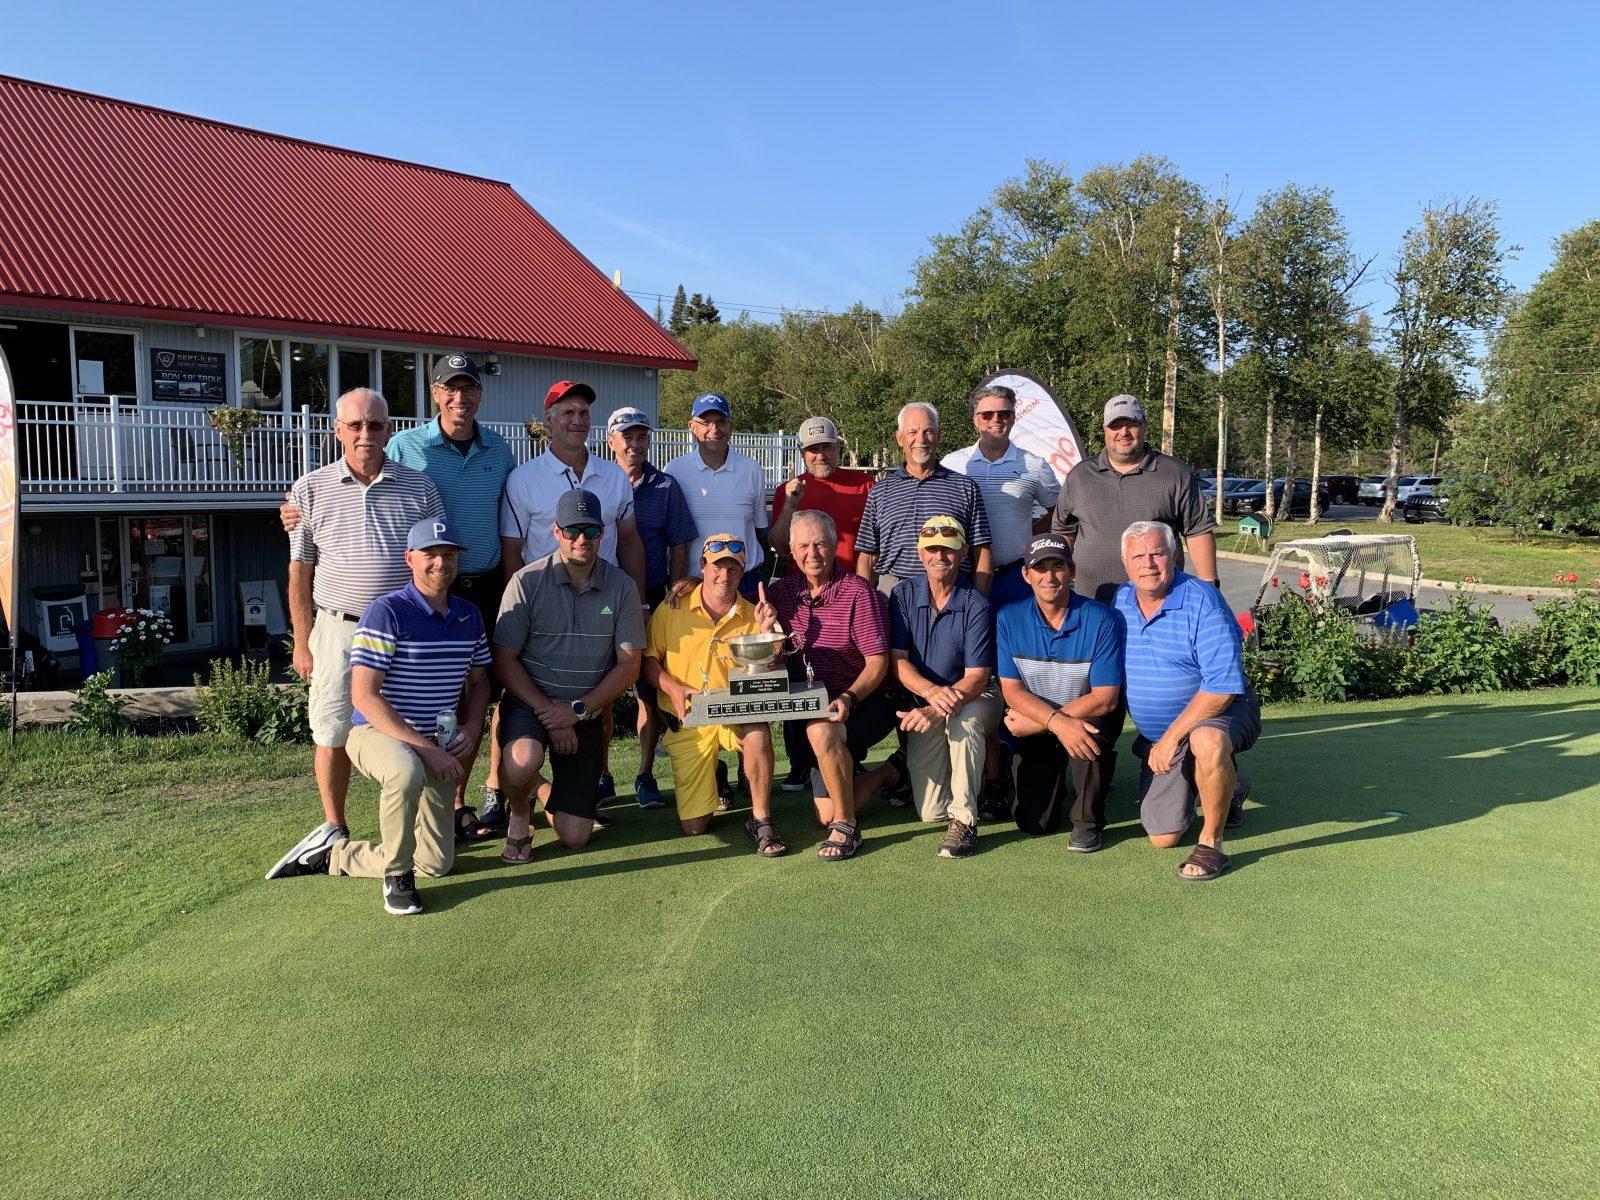 Les golfeurs de Sept-Îles renversent ceux de Baie-Comeau à la Coupe Côte-Nord